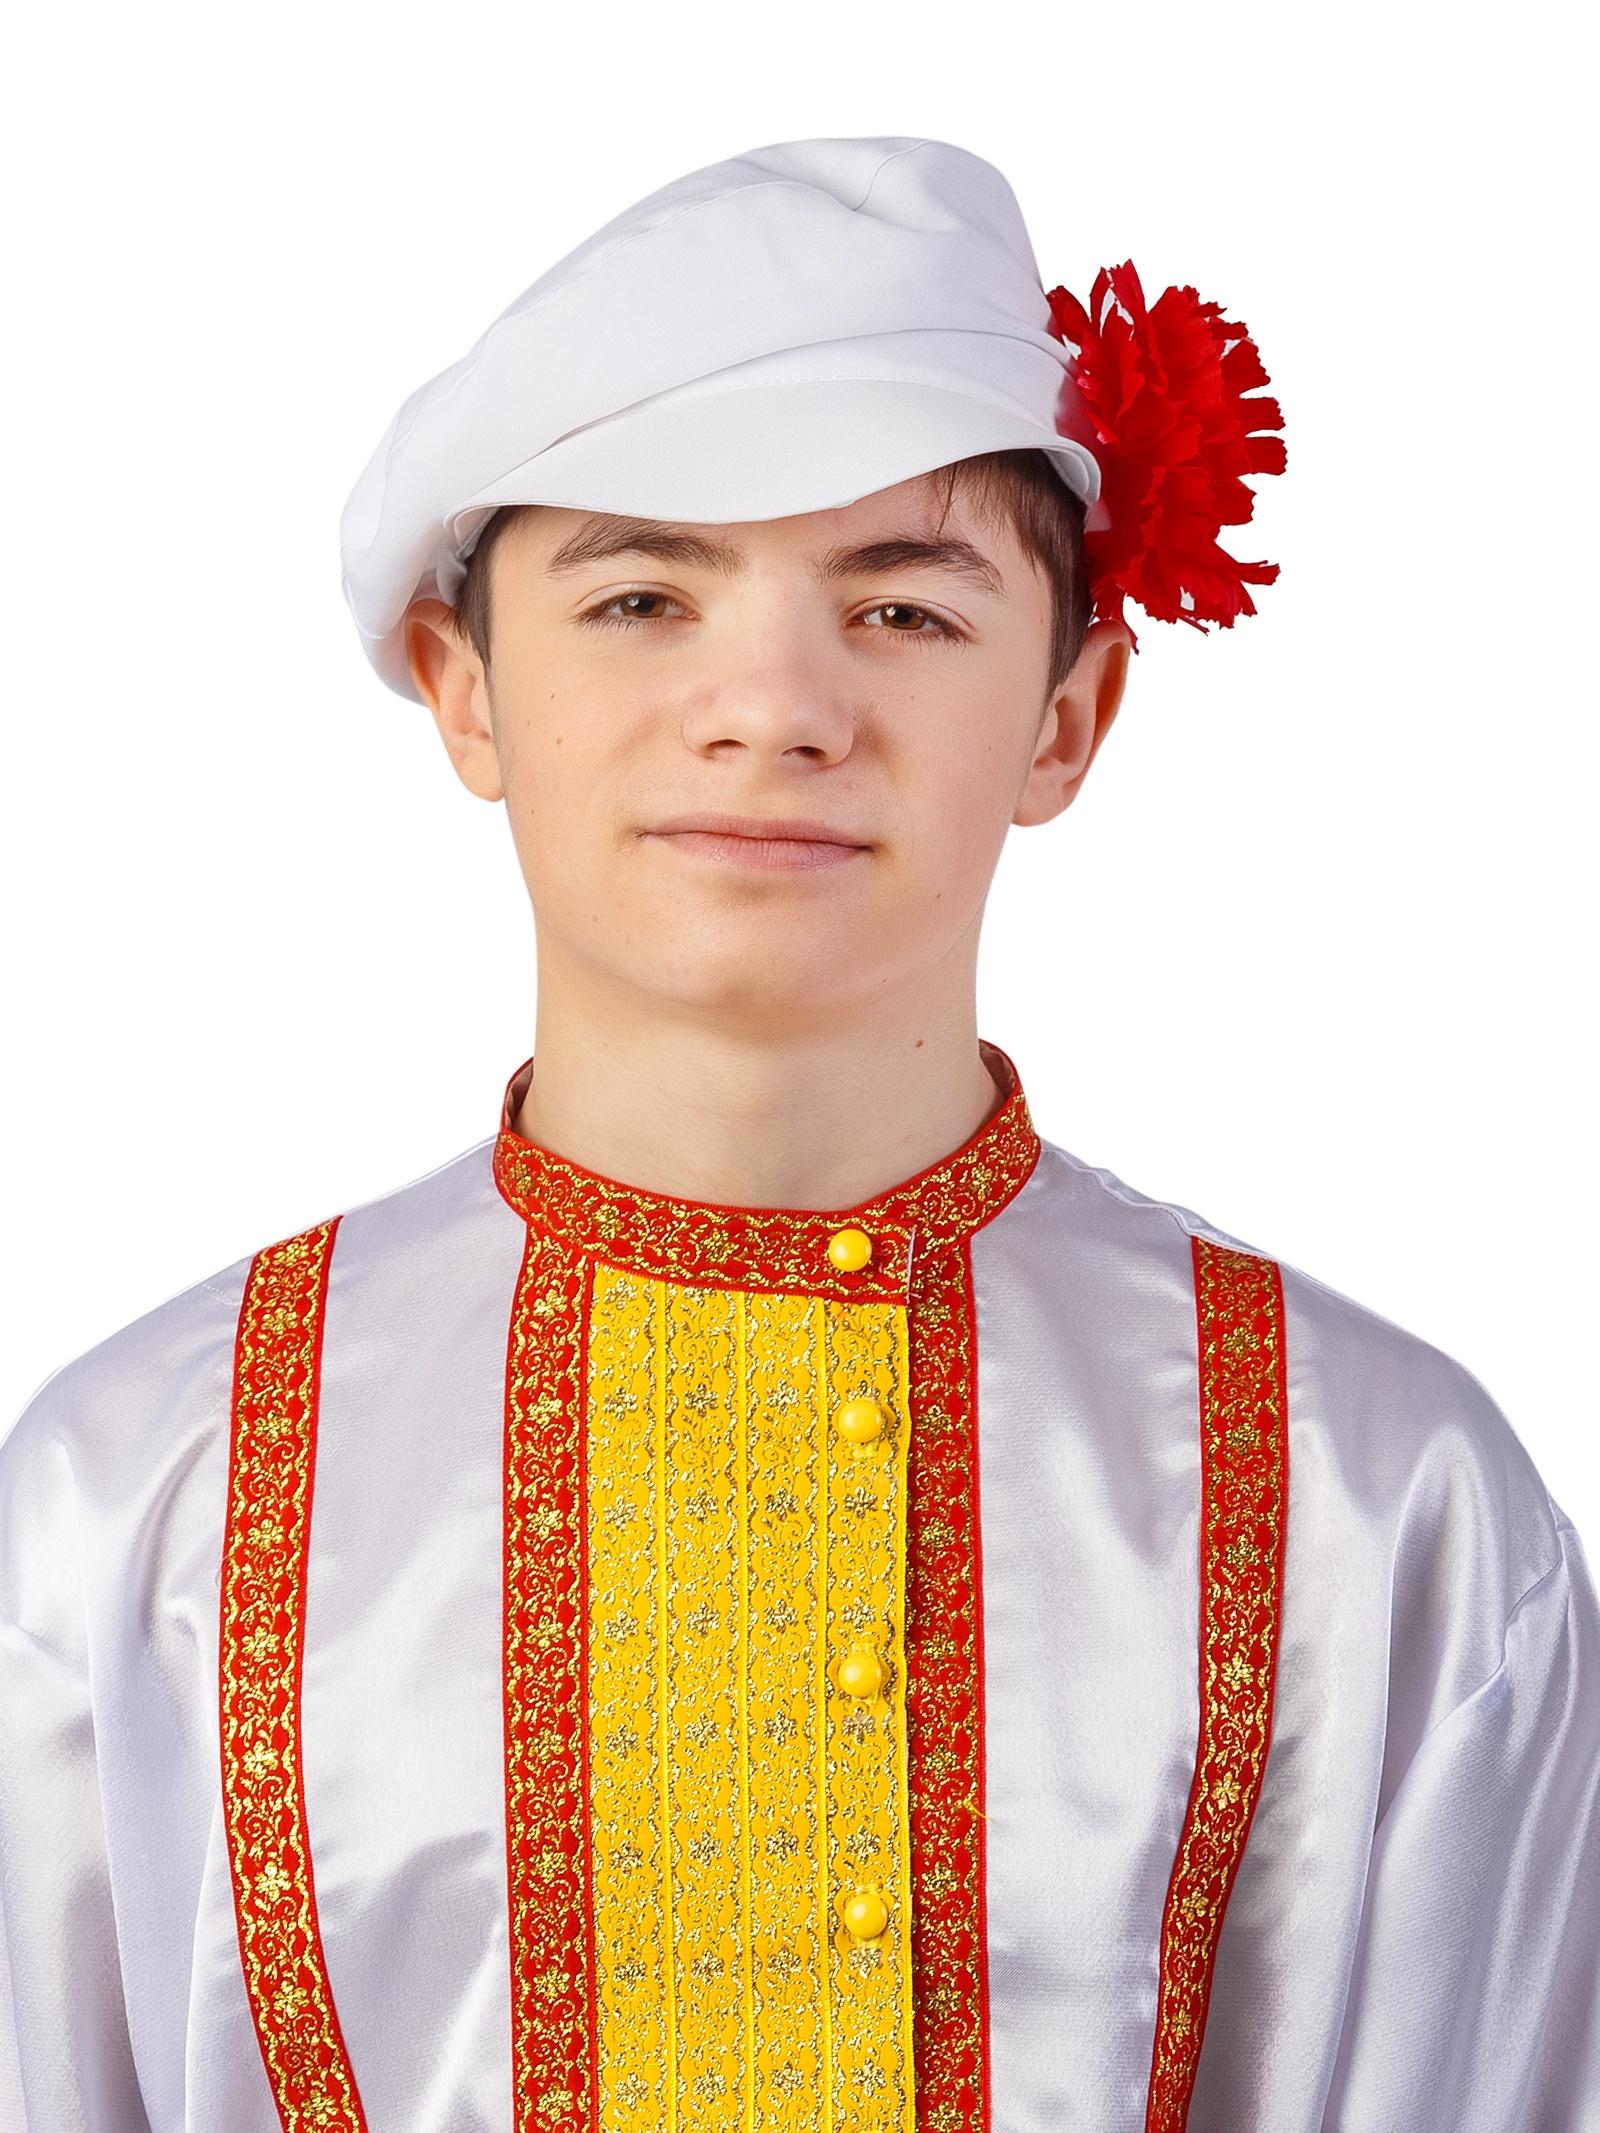 Аксессуар для карнавального костюма Gala-Вальс картуз, белый купить женский картуз